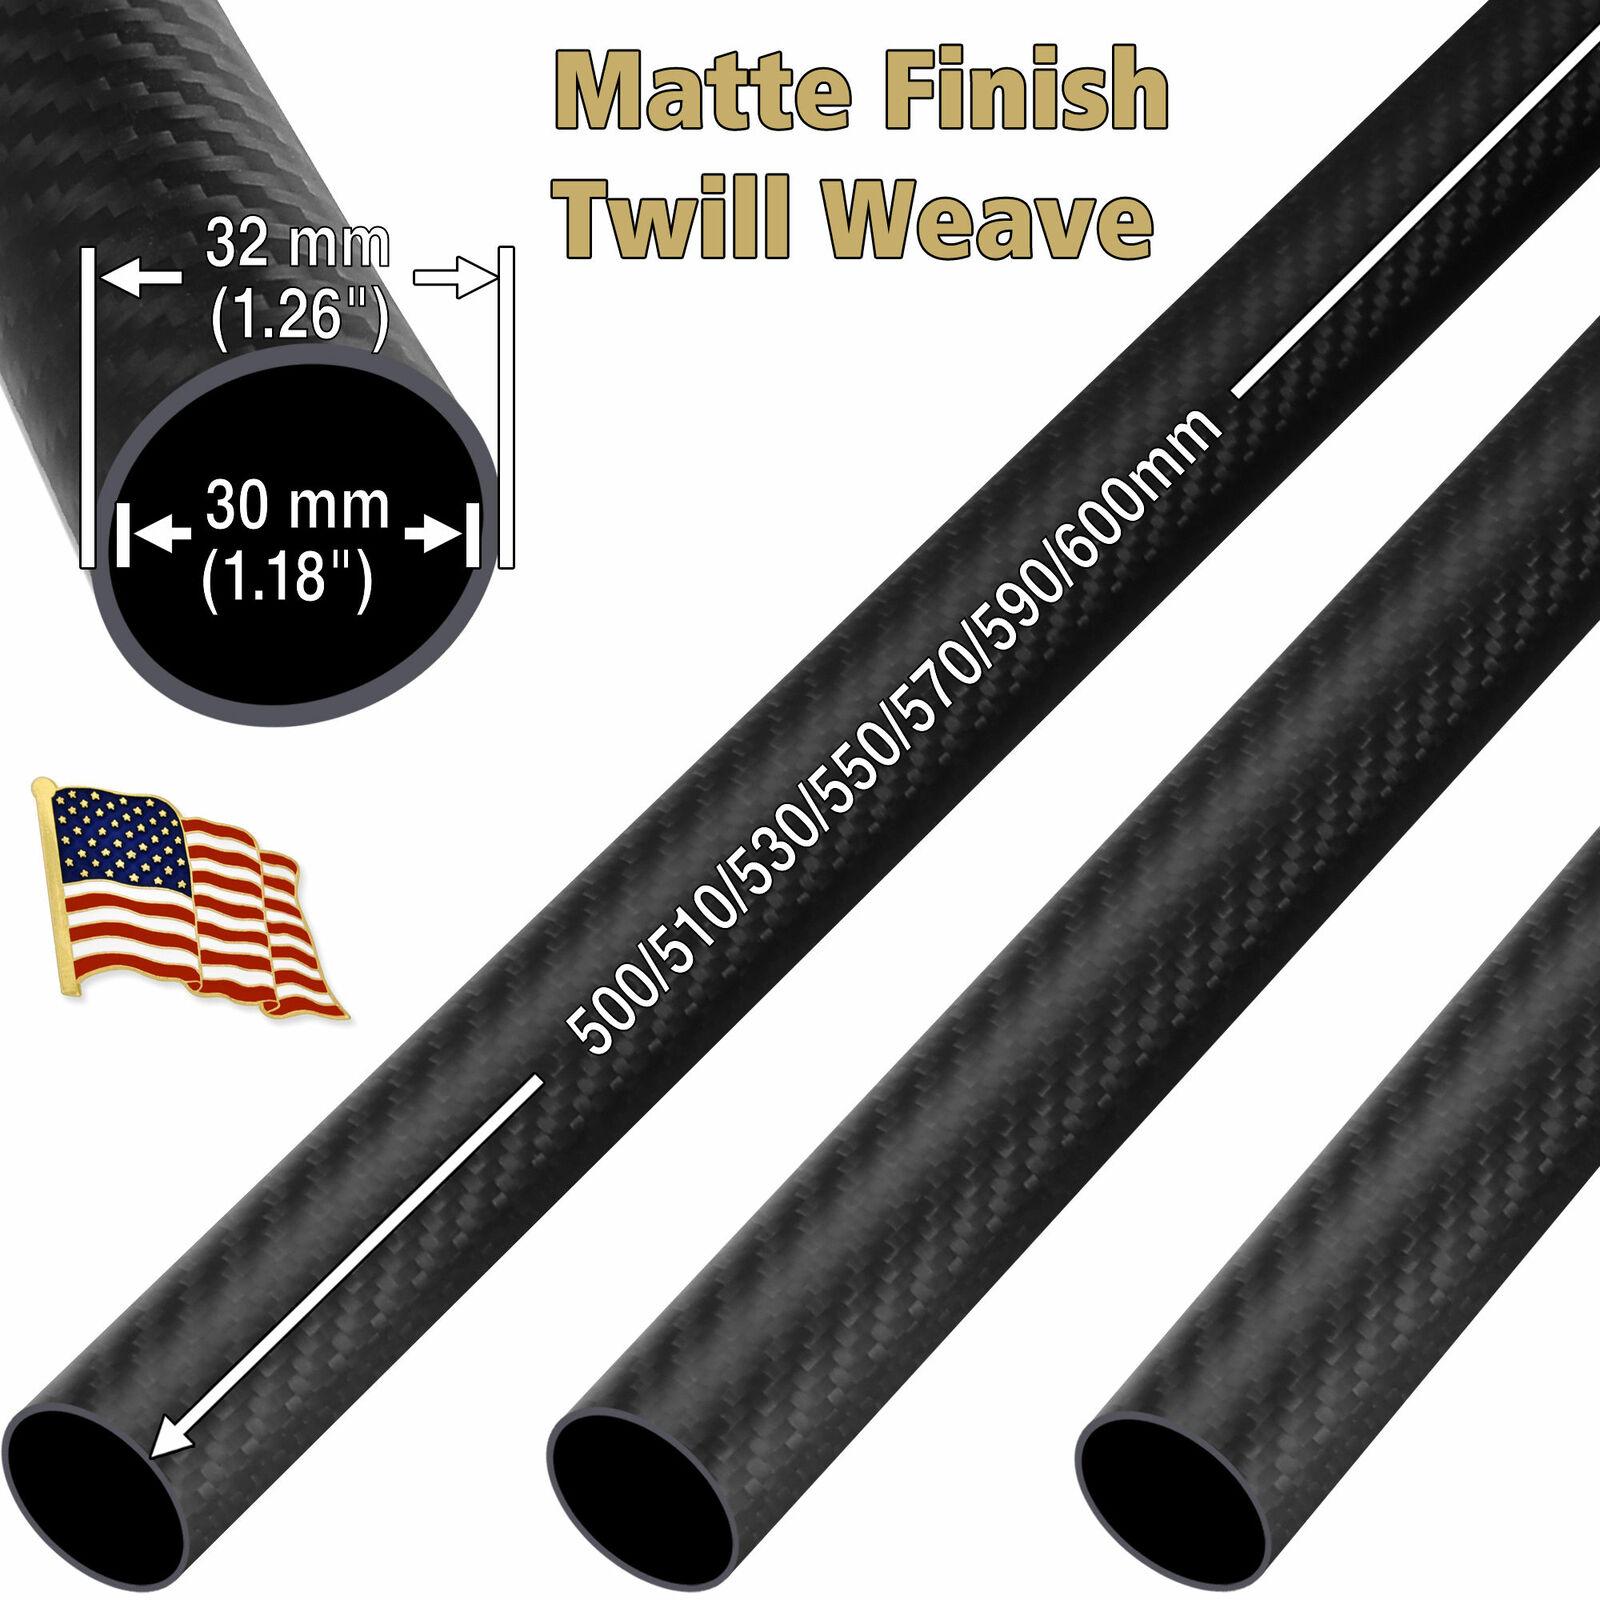 OD 32mm x ID 30mm x 500 520 550 600mm Matte Twill Weave 3K autobon Fiber Tube